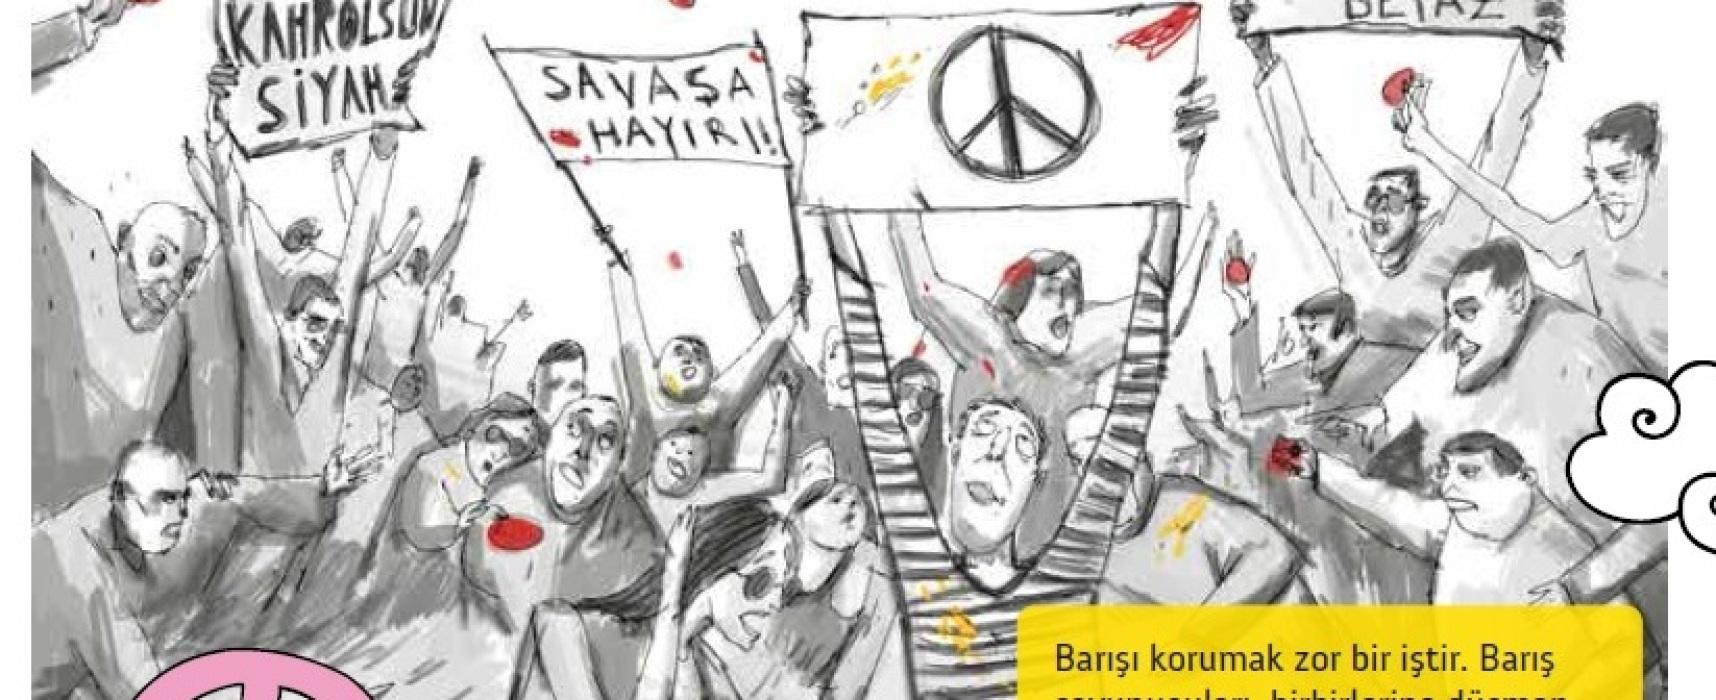 Barış, hemen şimdi!